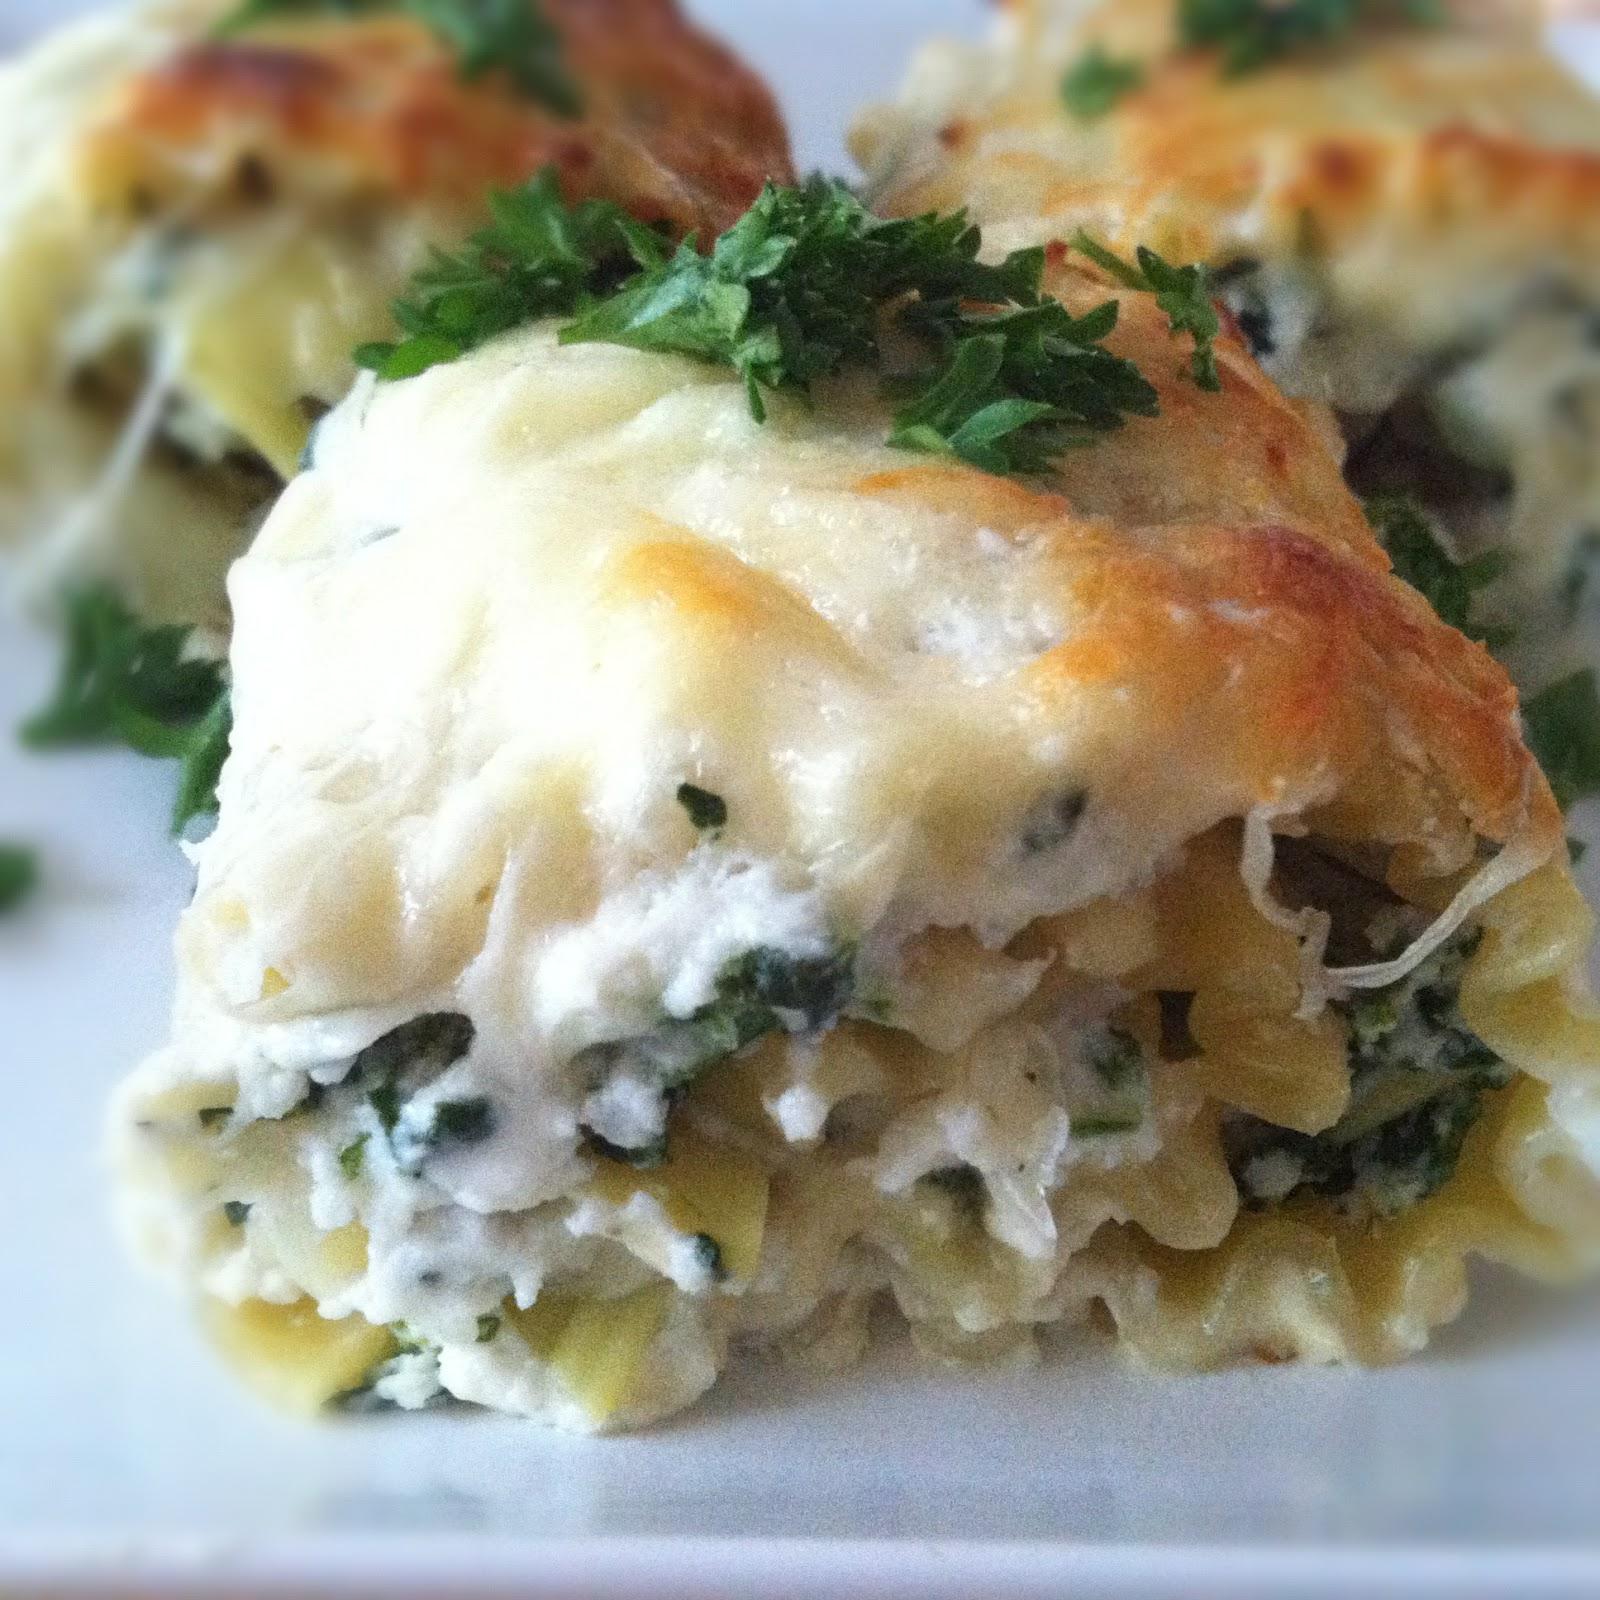 spinach+lasagna+rolls.jpg